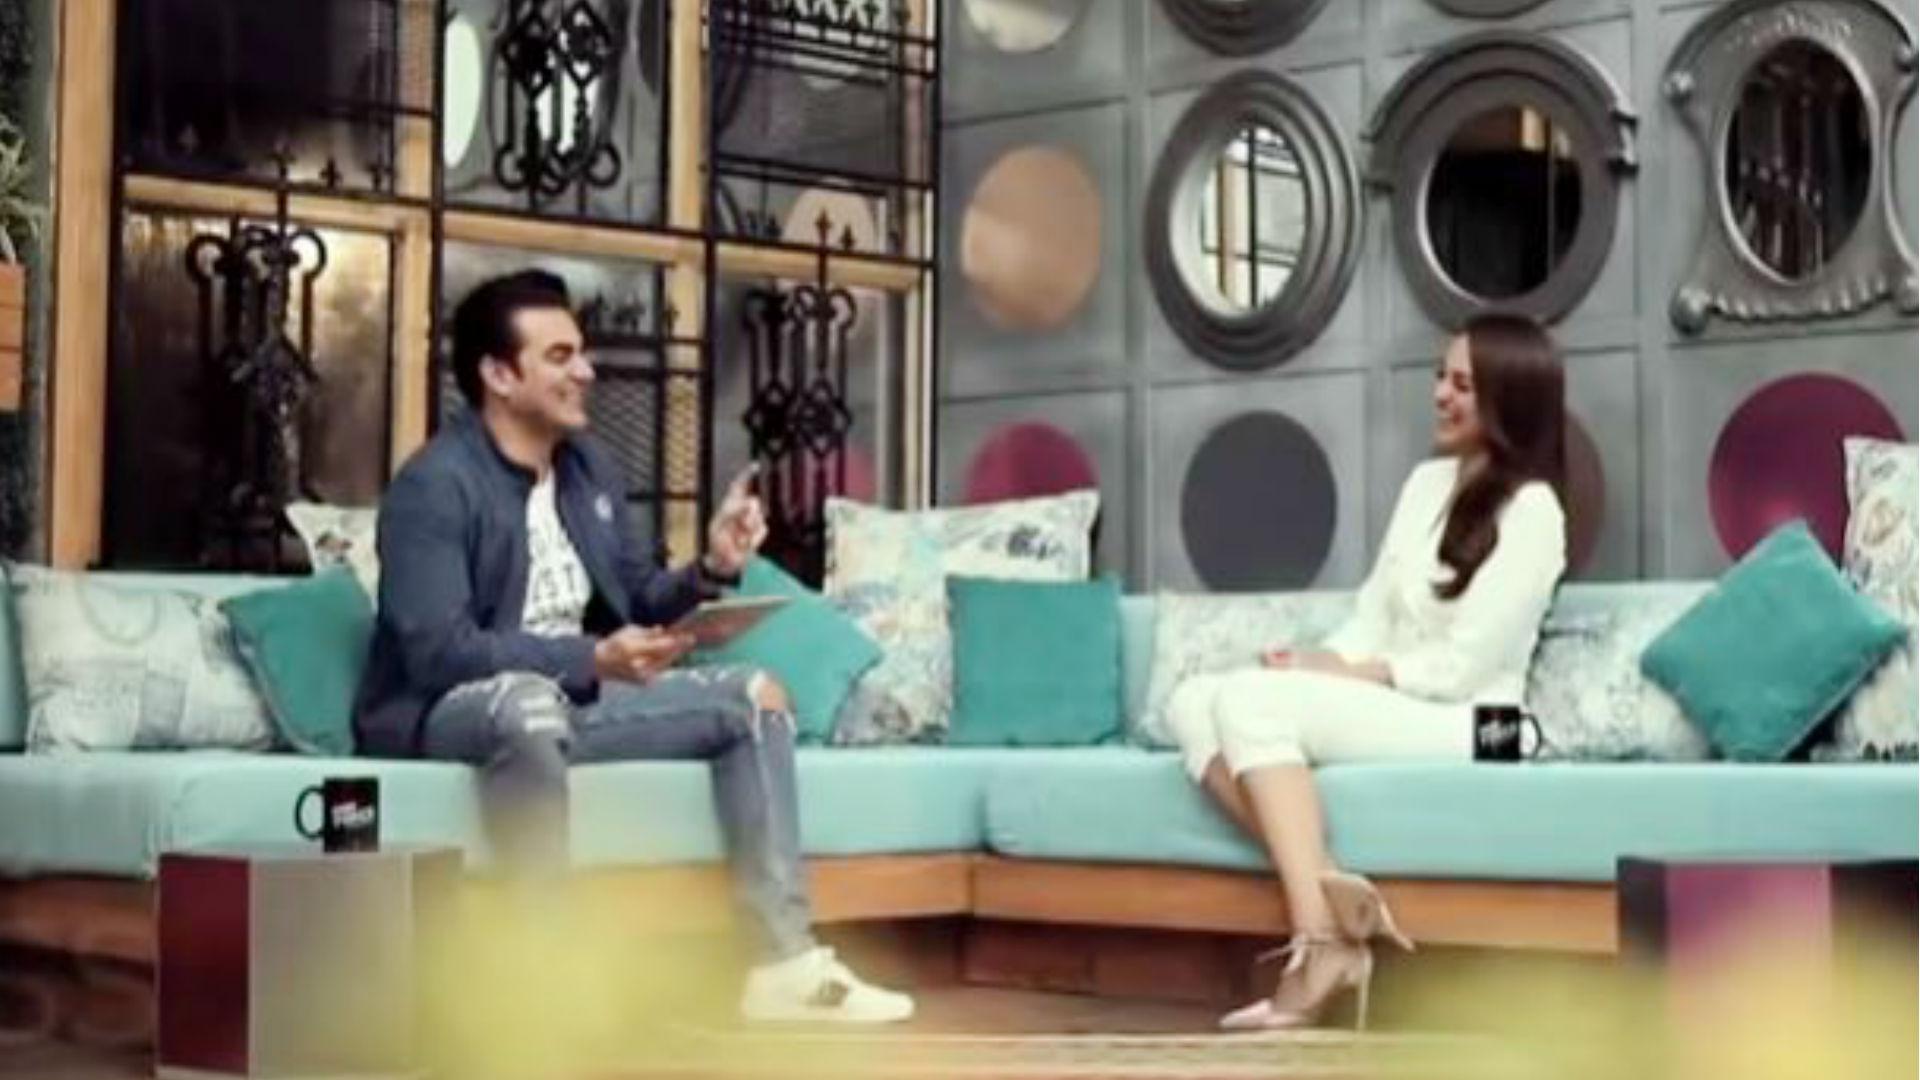 अरबाज खान के शो में सोनाक्षी सिन्हा ने बताया- ऑनलाइन प्रपोज करने वालों के साथ क्या करूंगी, देखिए वीडियो